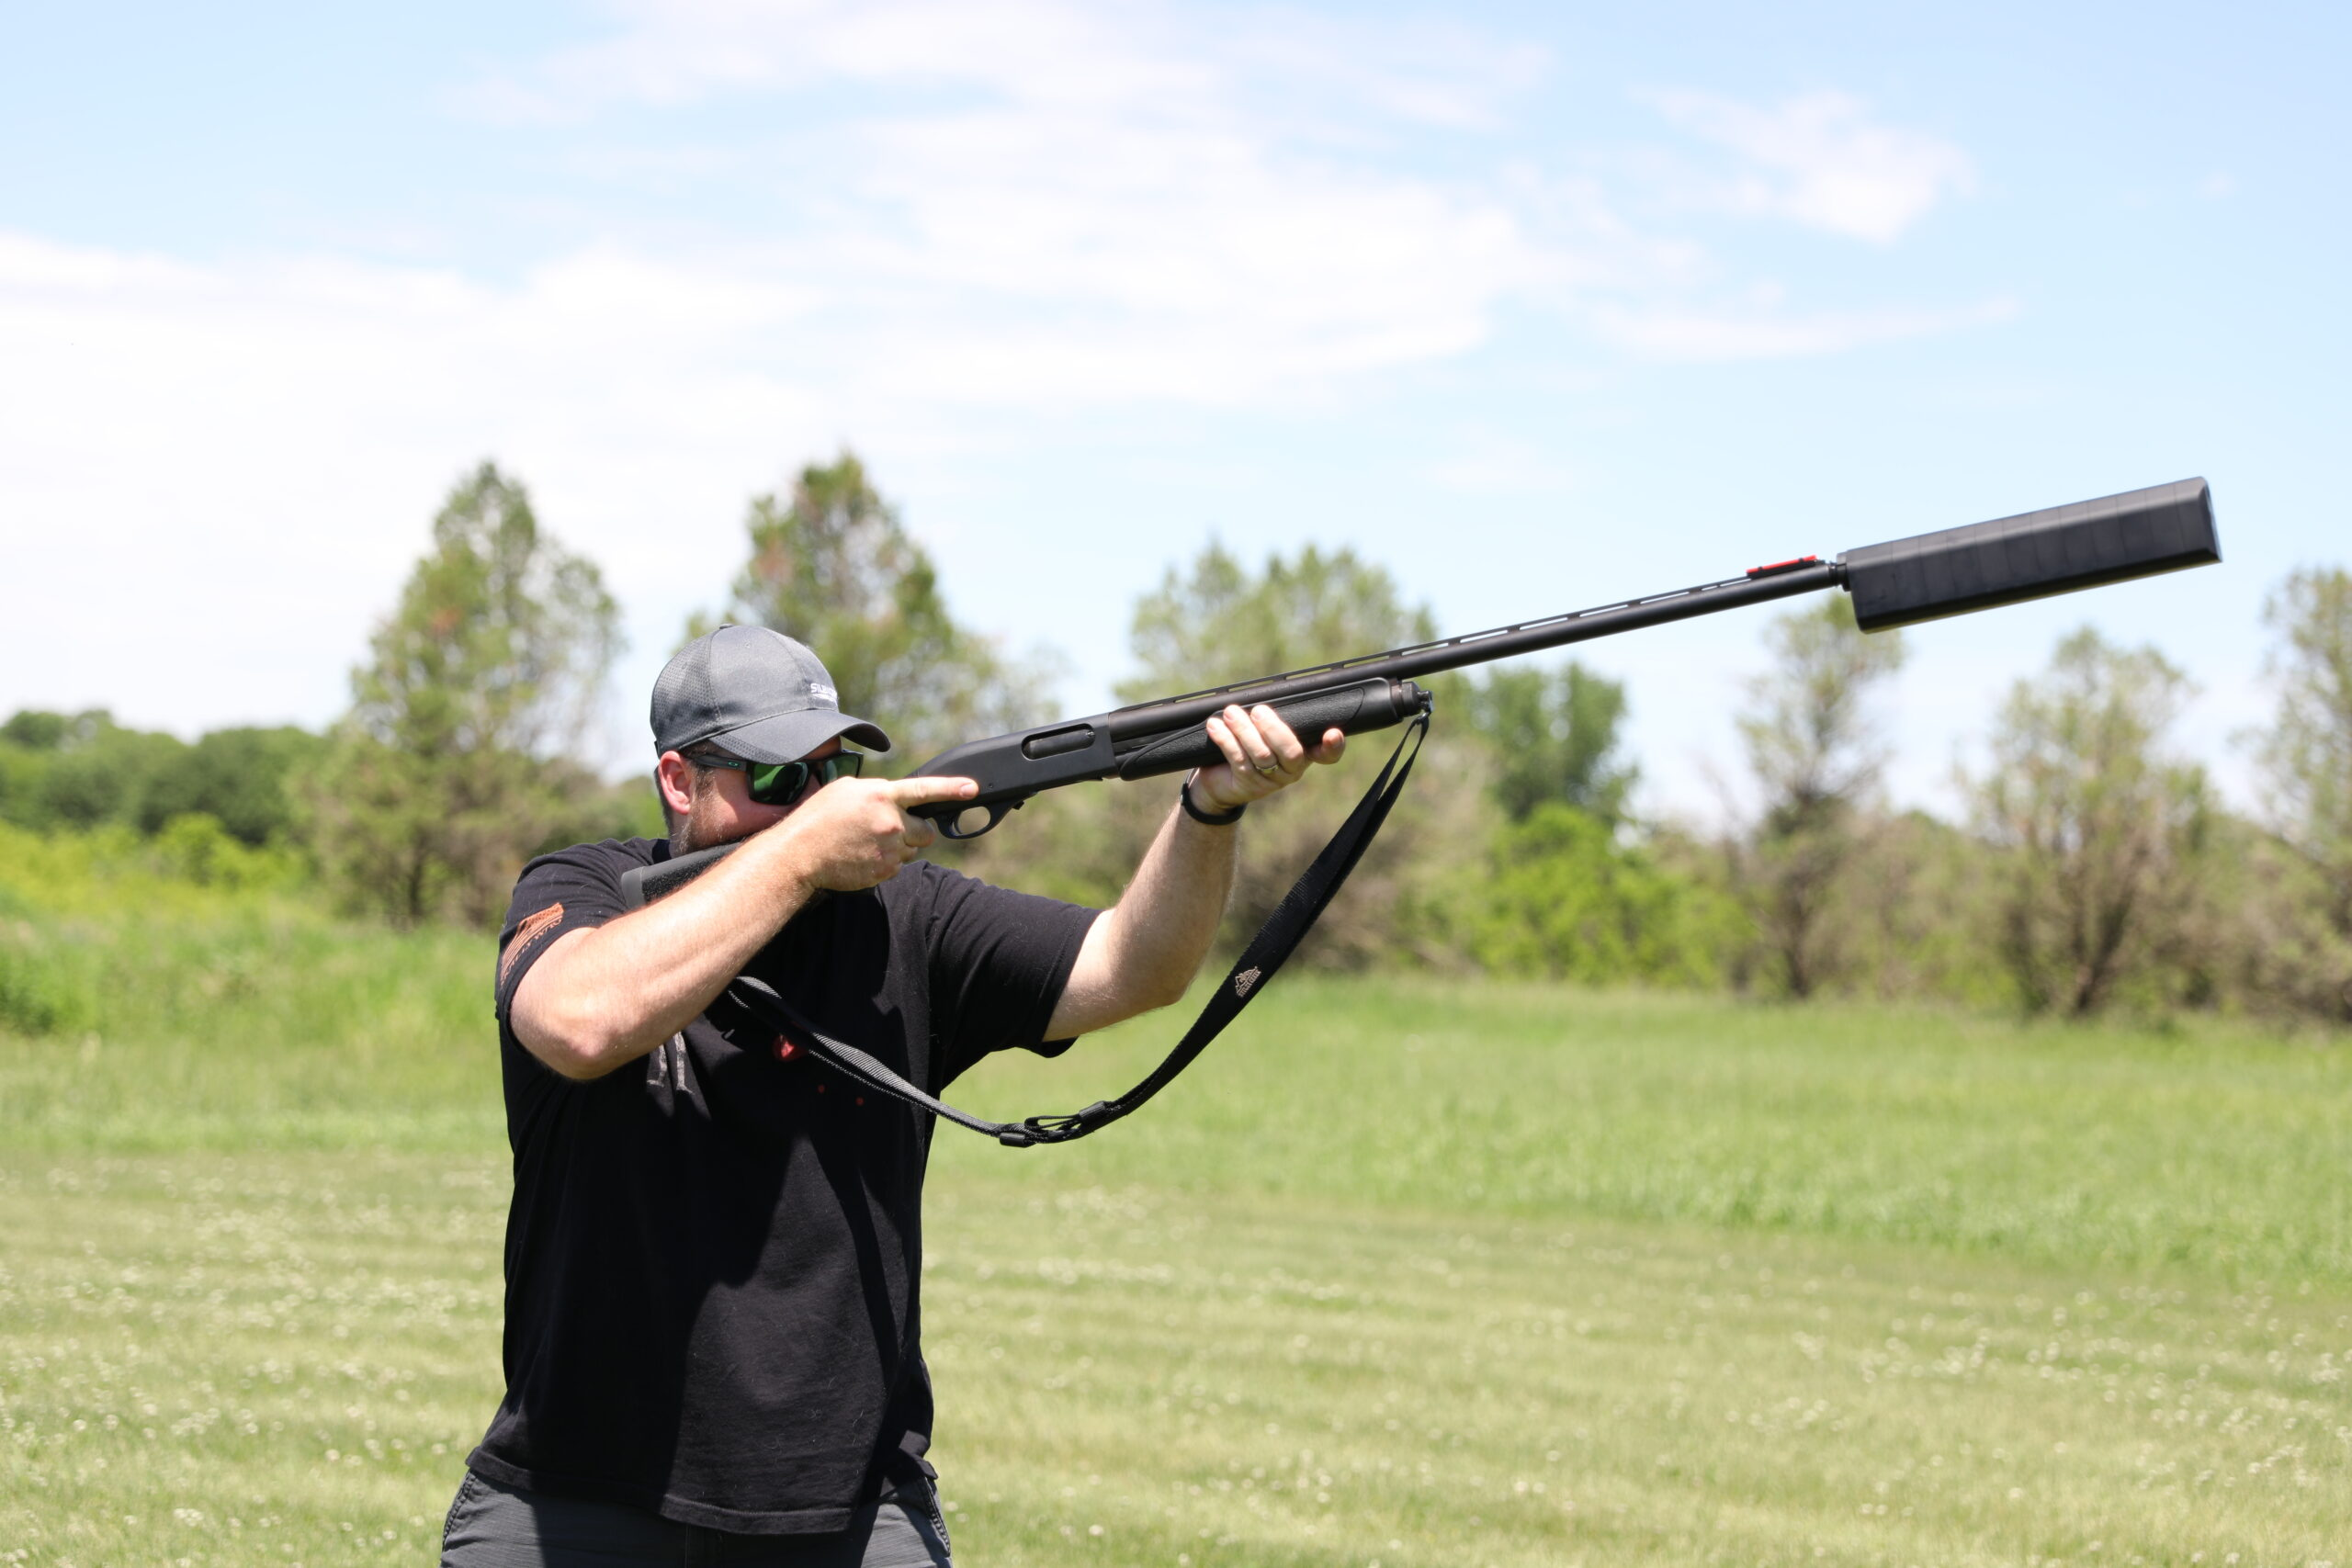 Shotgun Ammo Types: Buckshot vs. Birdshot vs. Slug